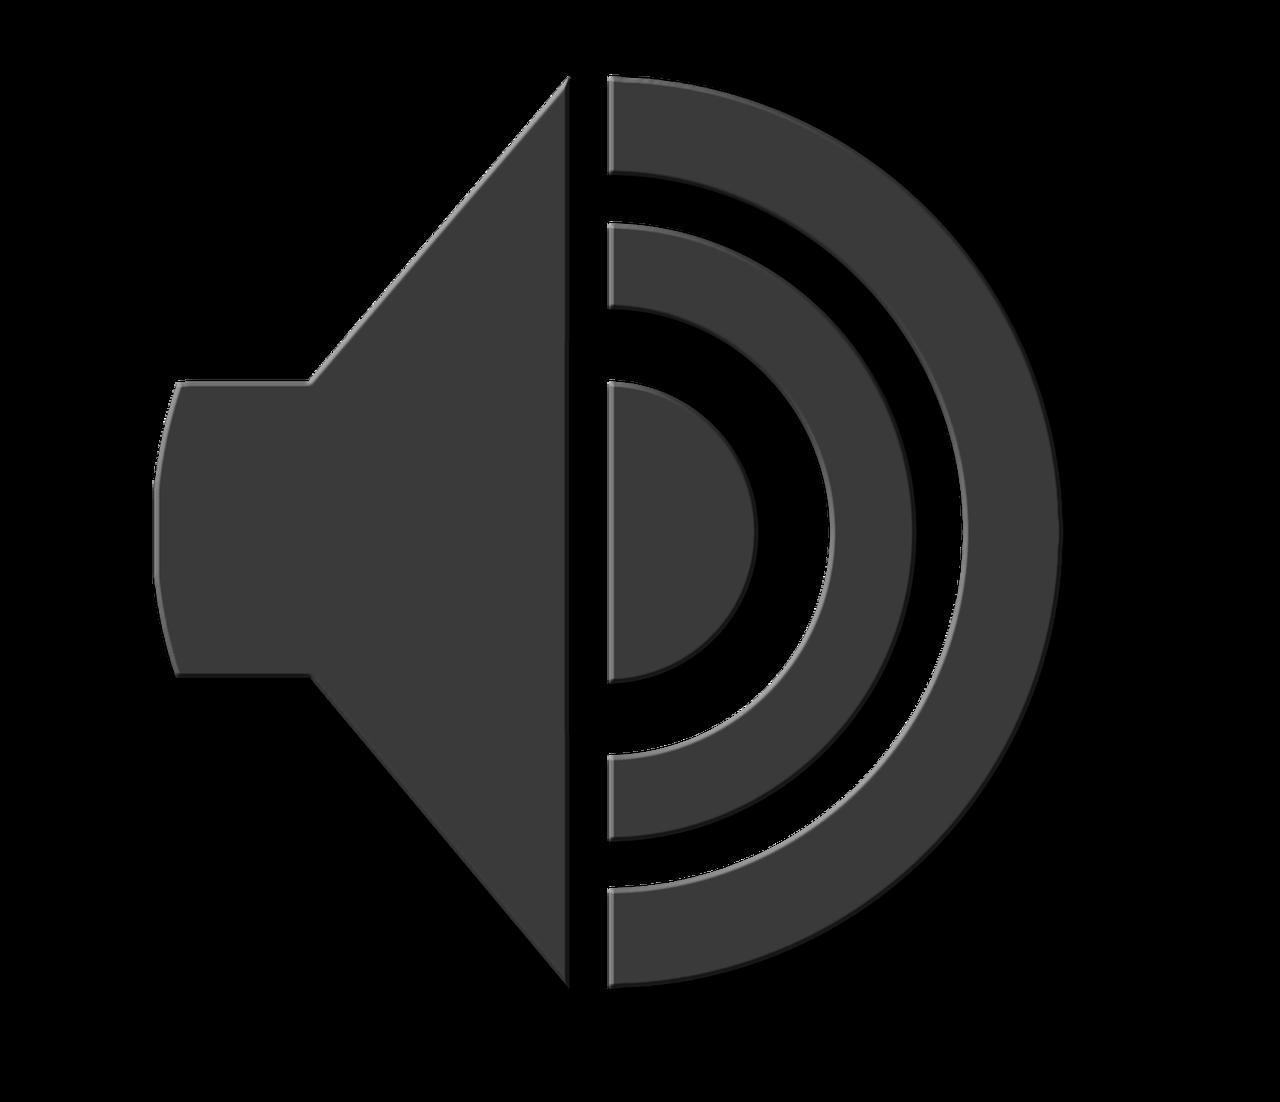 sound, icon, volume-937654.jpg